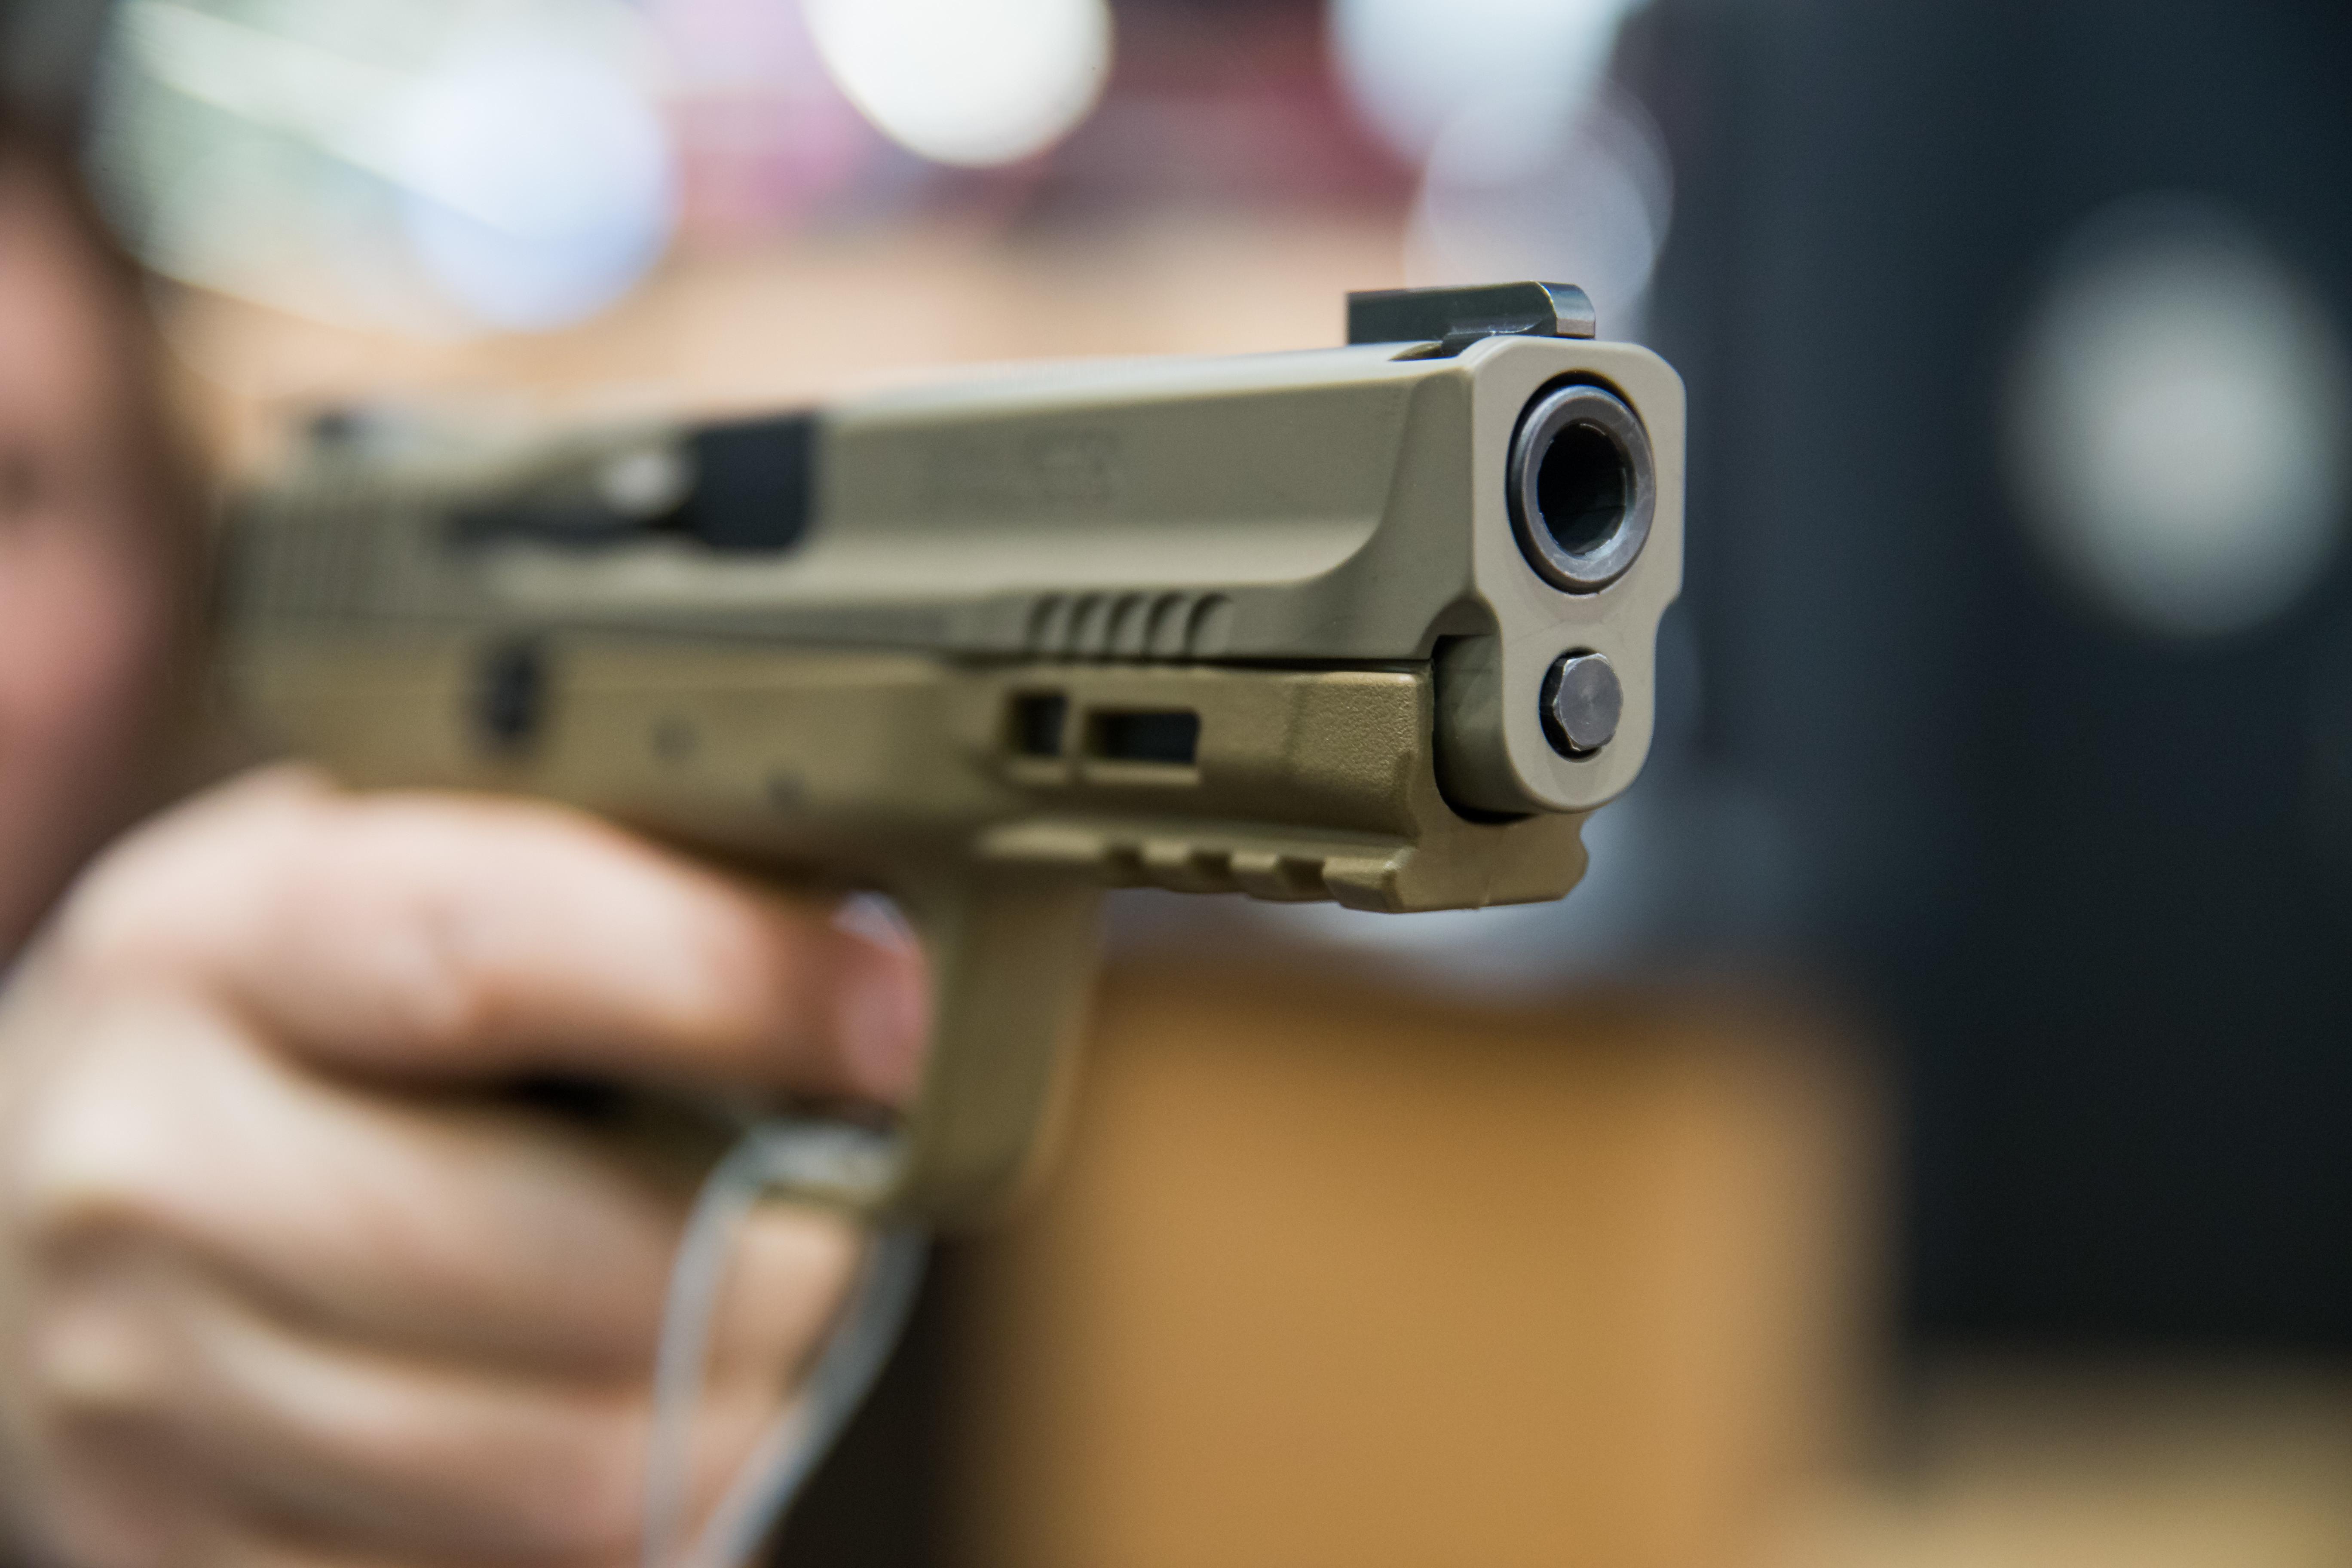 Стрельба вшколе Мэриленда: стрелявший ученик скончался  от приобретенных  ранений